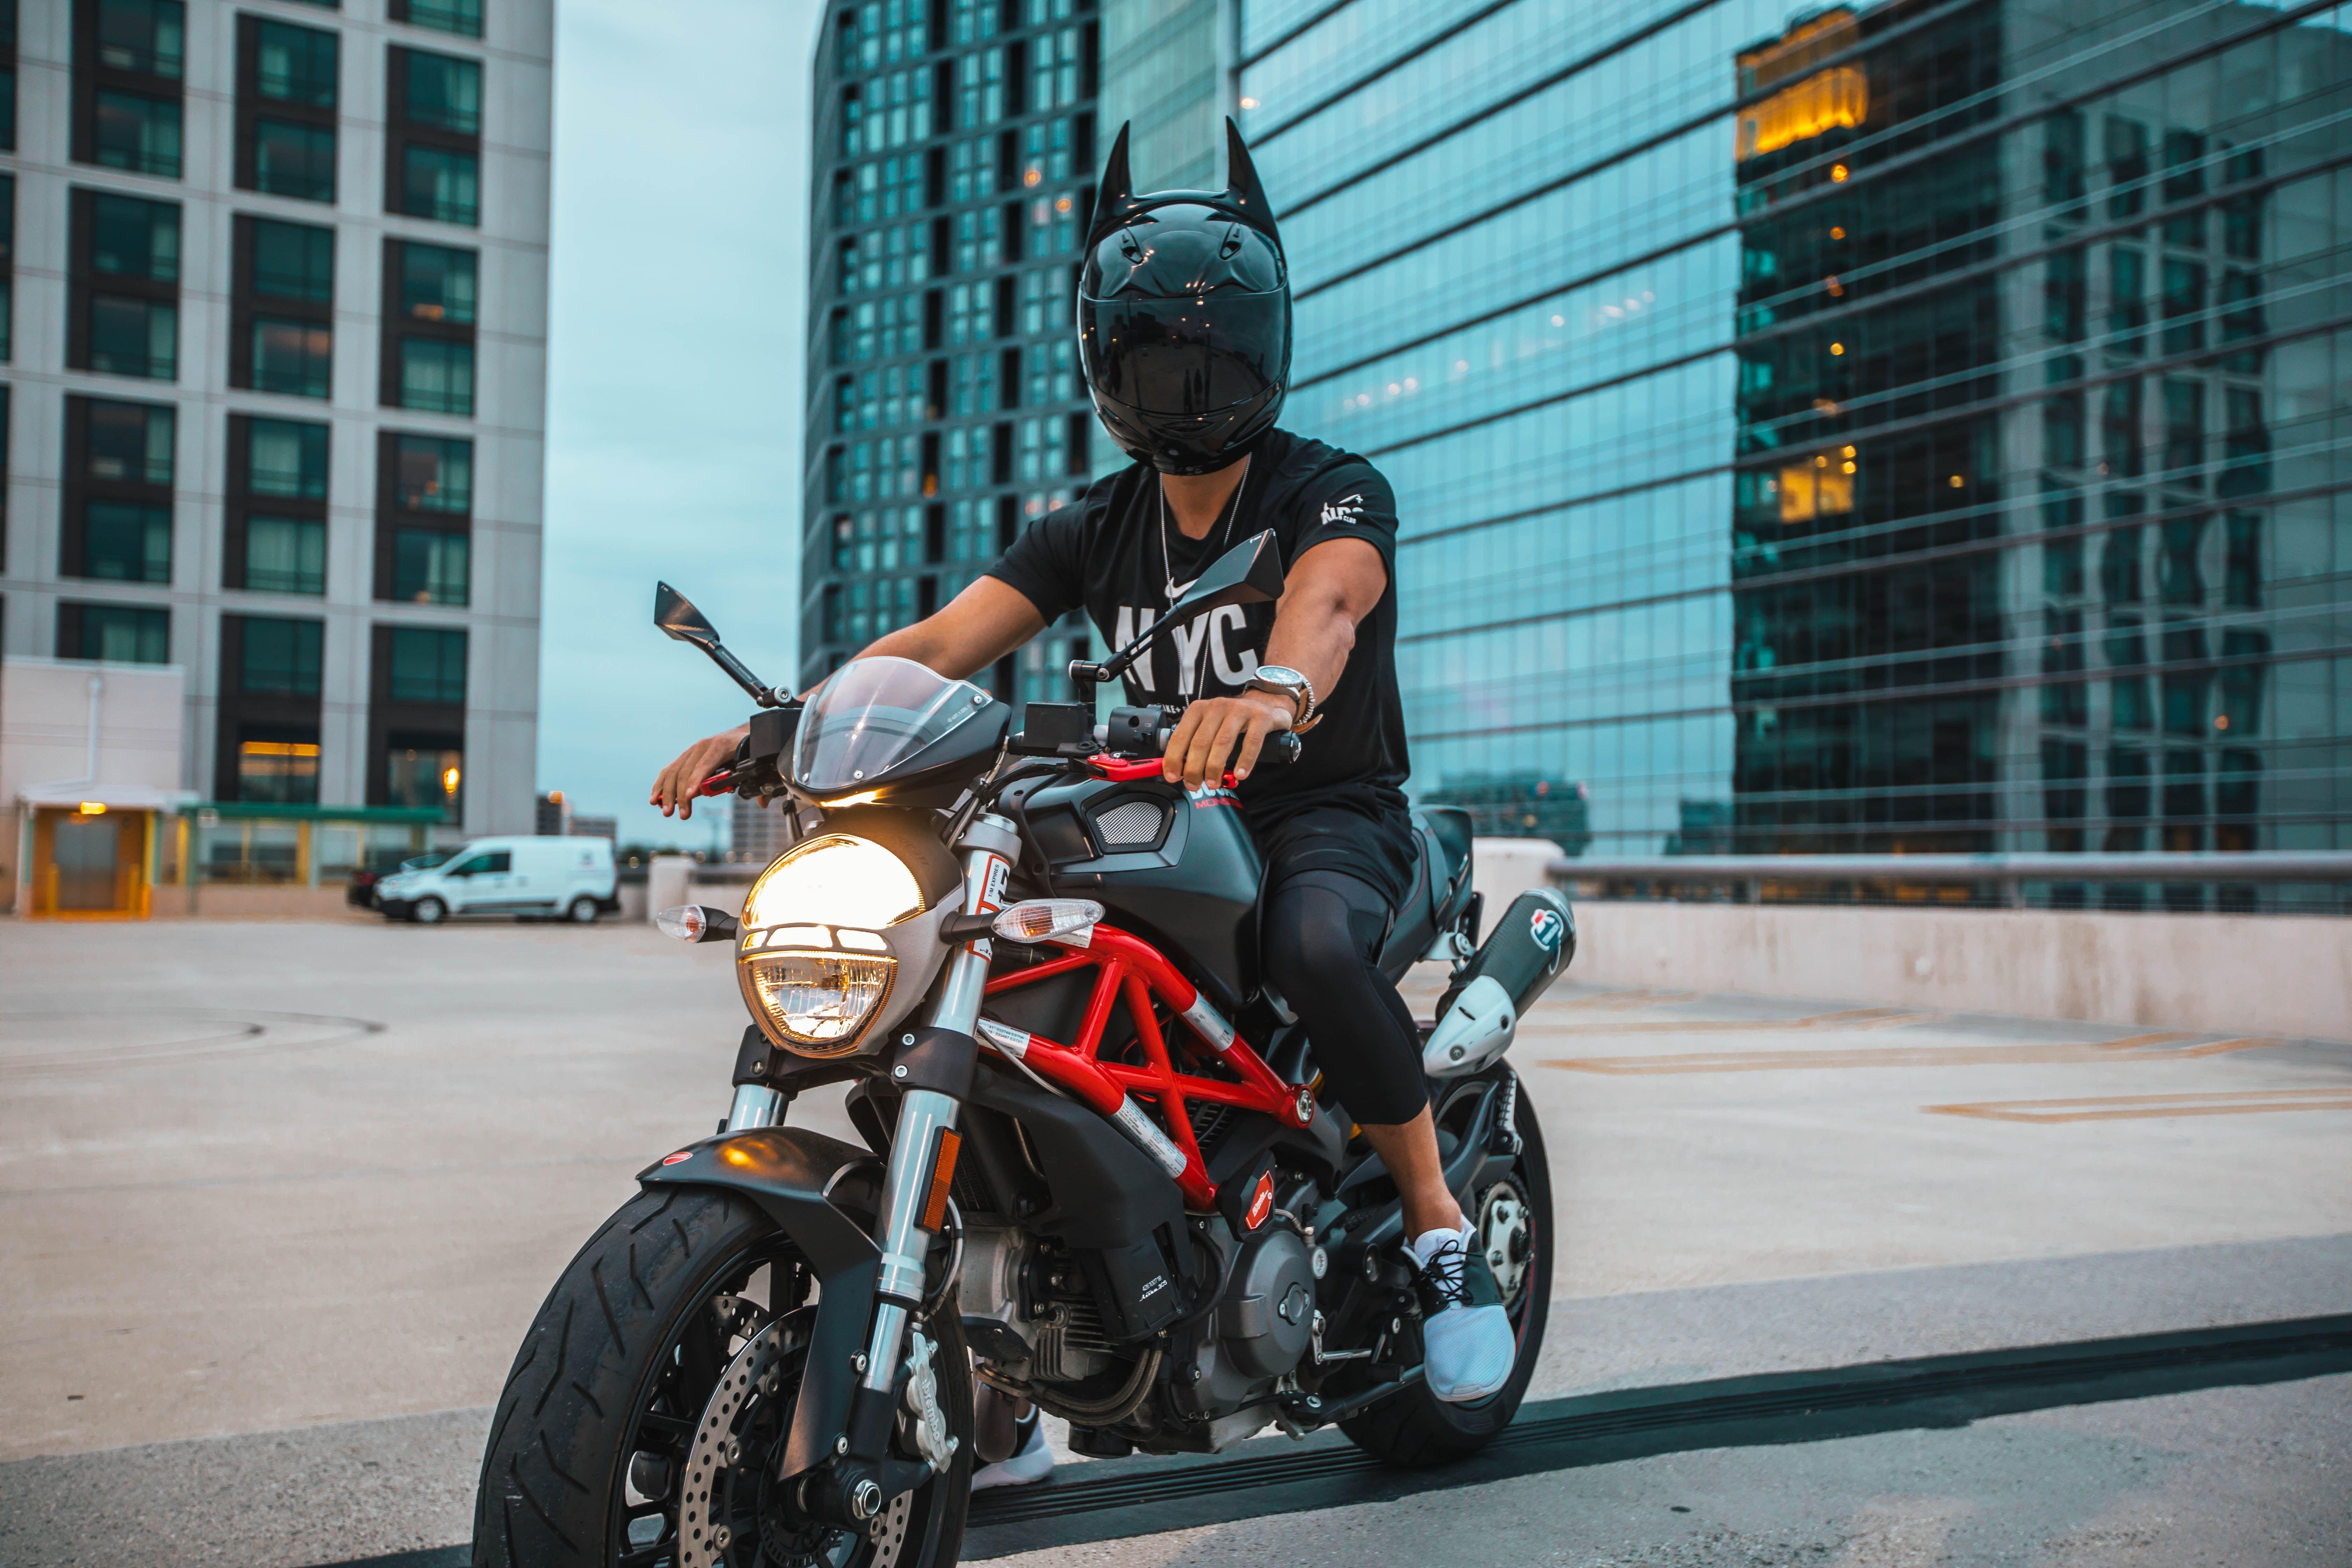 перевести крутые картинки на аву для мужиков на мотоцикле традиционными компактными автомобилями